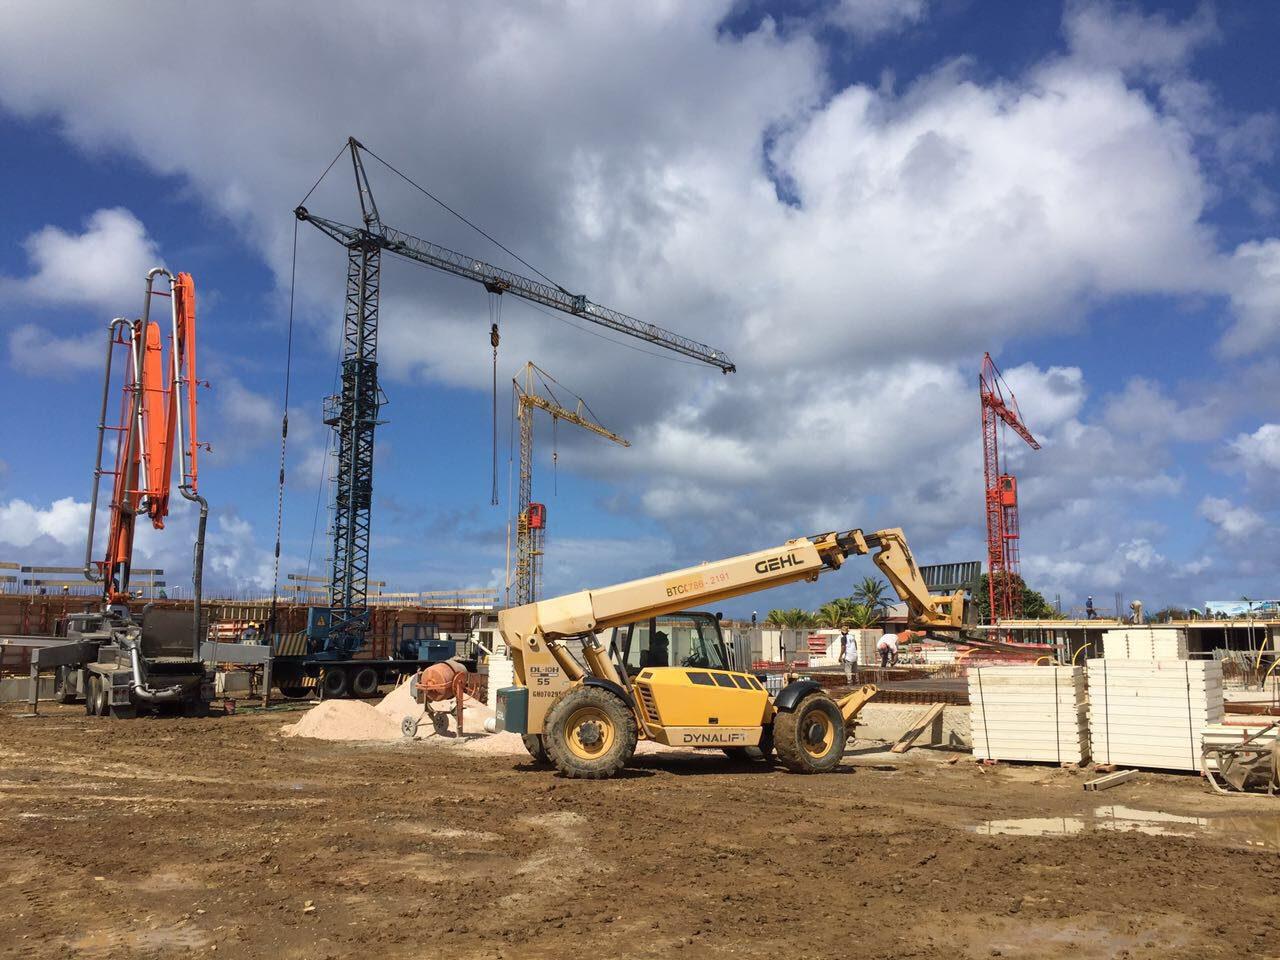 De bouwmaatschappij op Bonaire is druk aan de gang geweest met de bouw van het resort. De eerste stappen zijn gezet en het ziet er mooi uit.